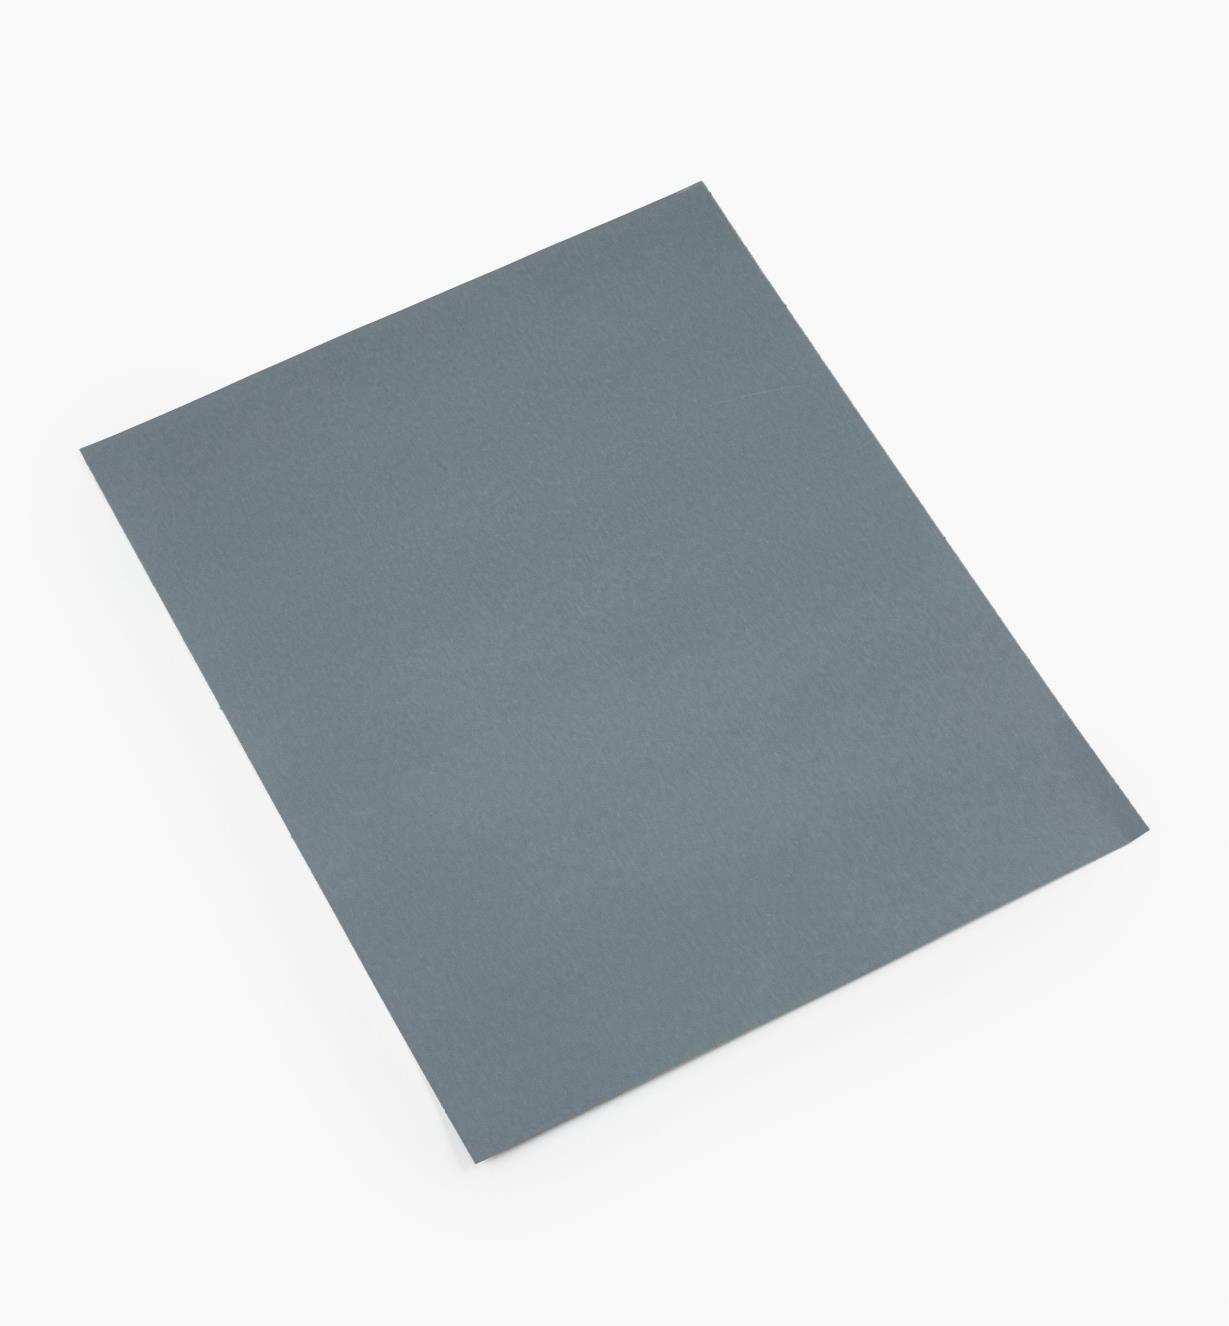 54K8102 - 3M Wet/Dry Sandpaper, 600A (15µ)